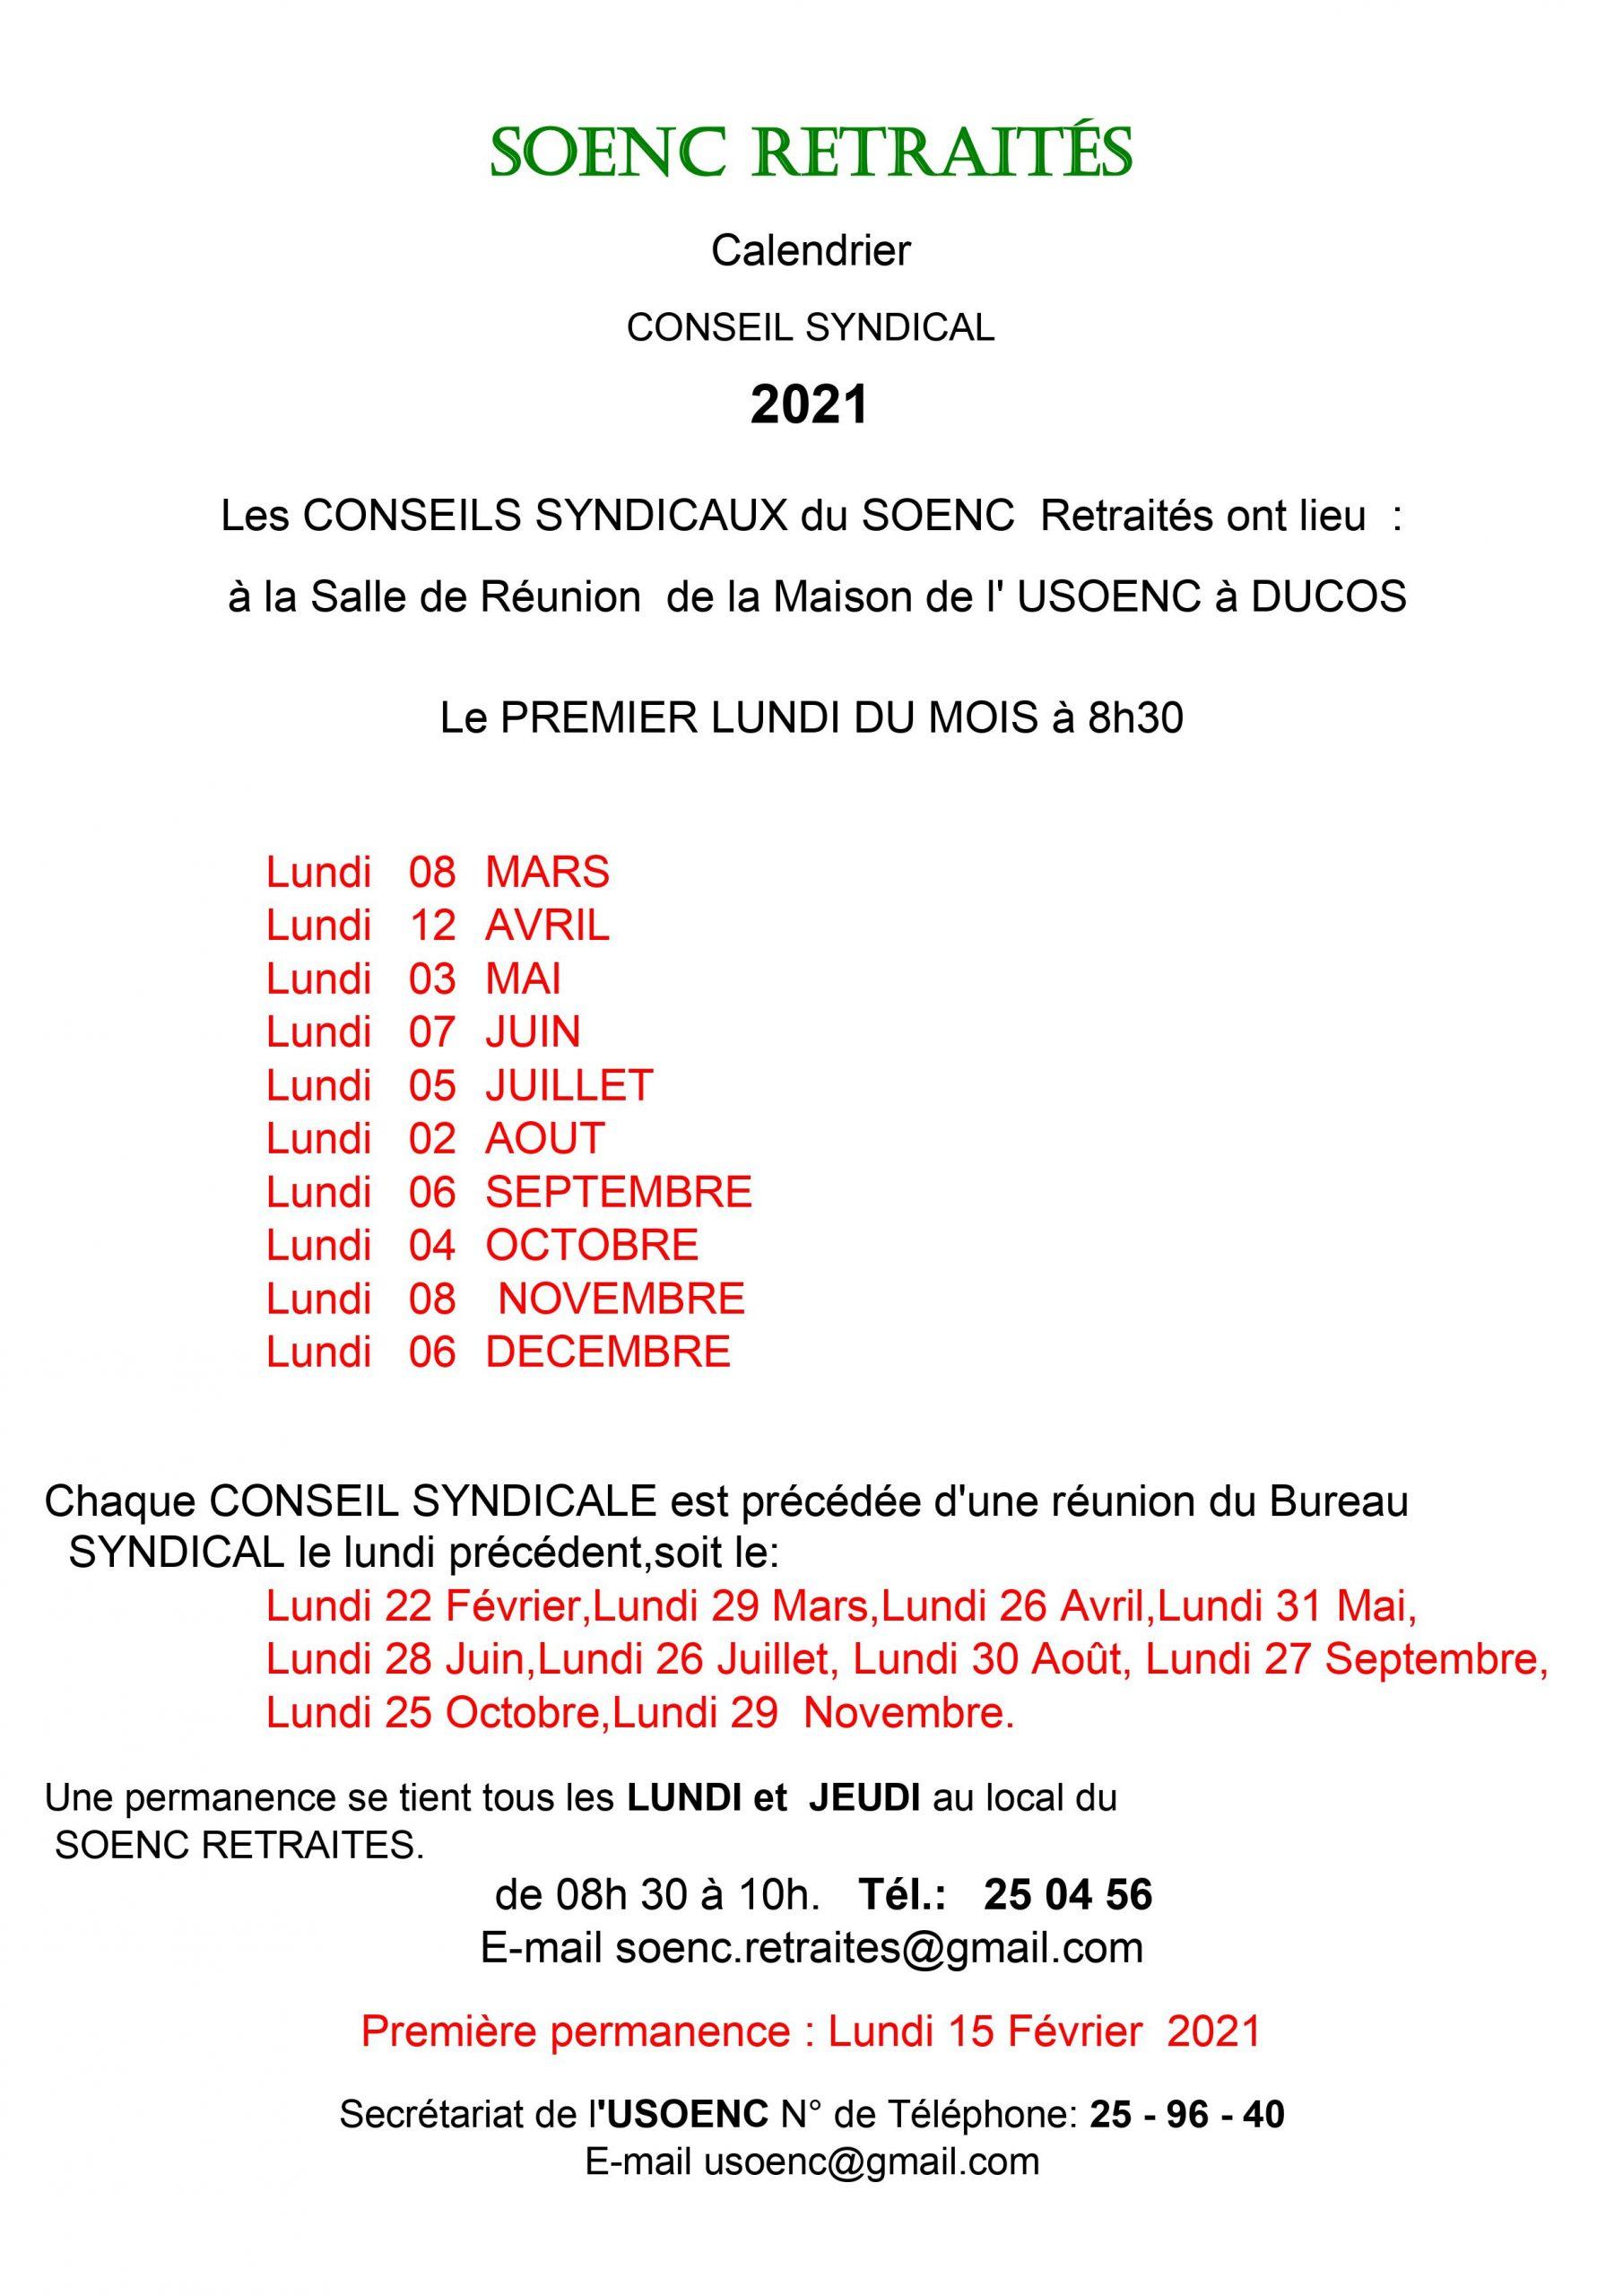 Calendrier des conseils syndicaux 2021 du SOENC retraités